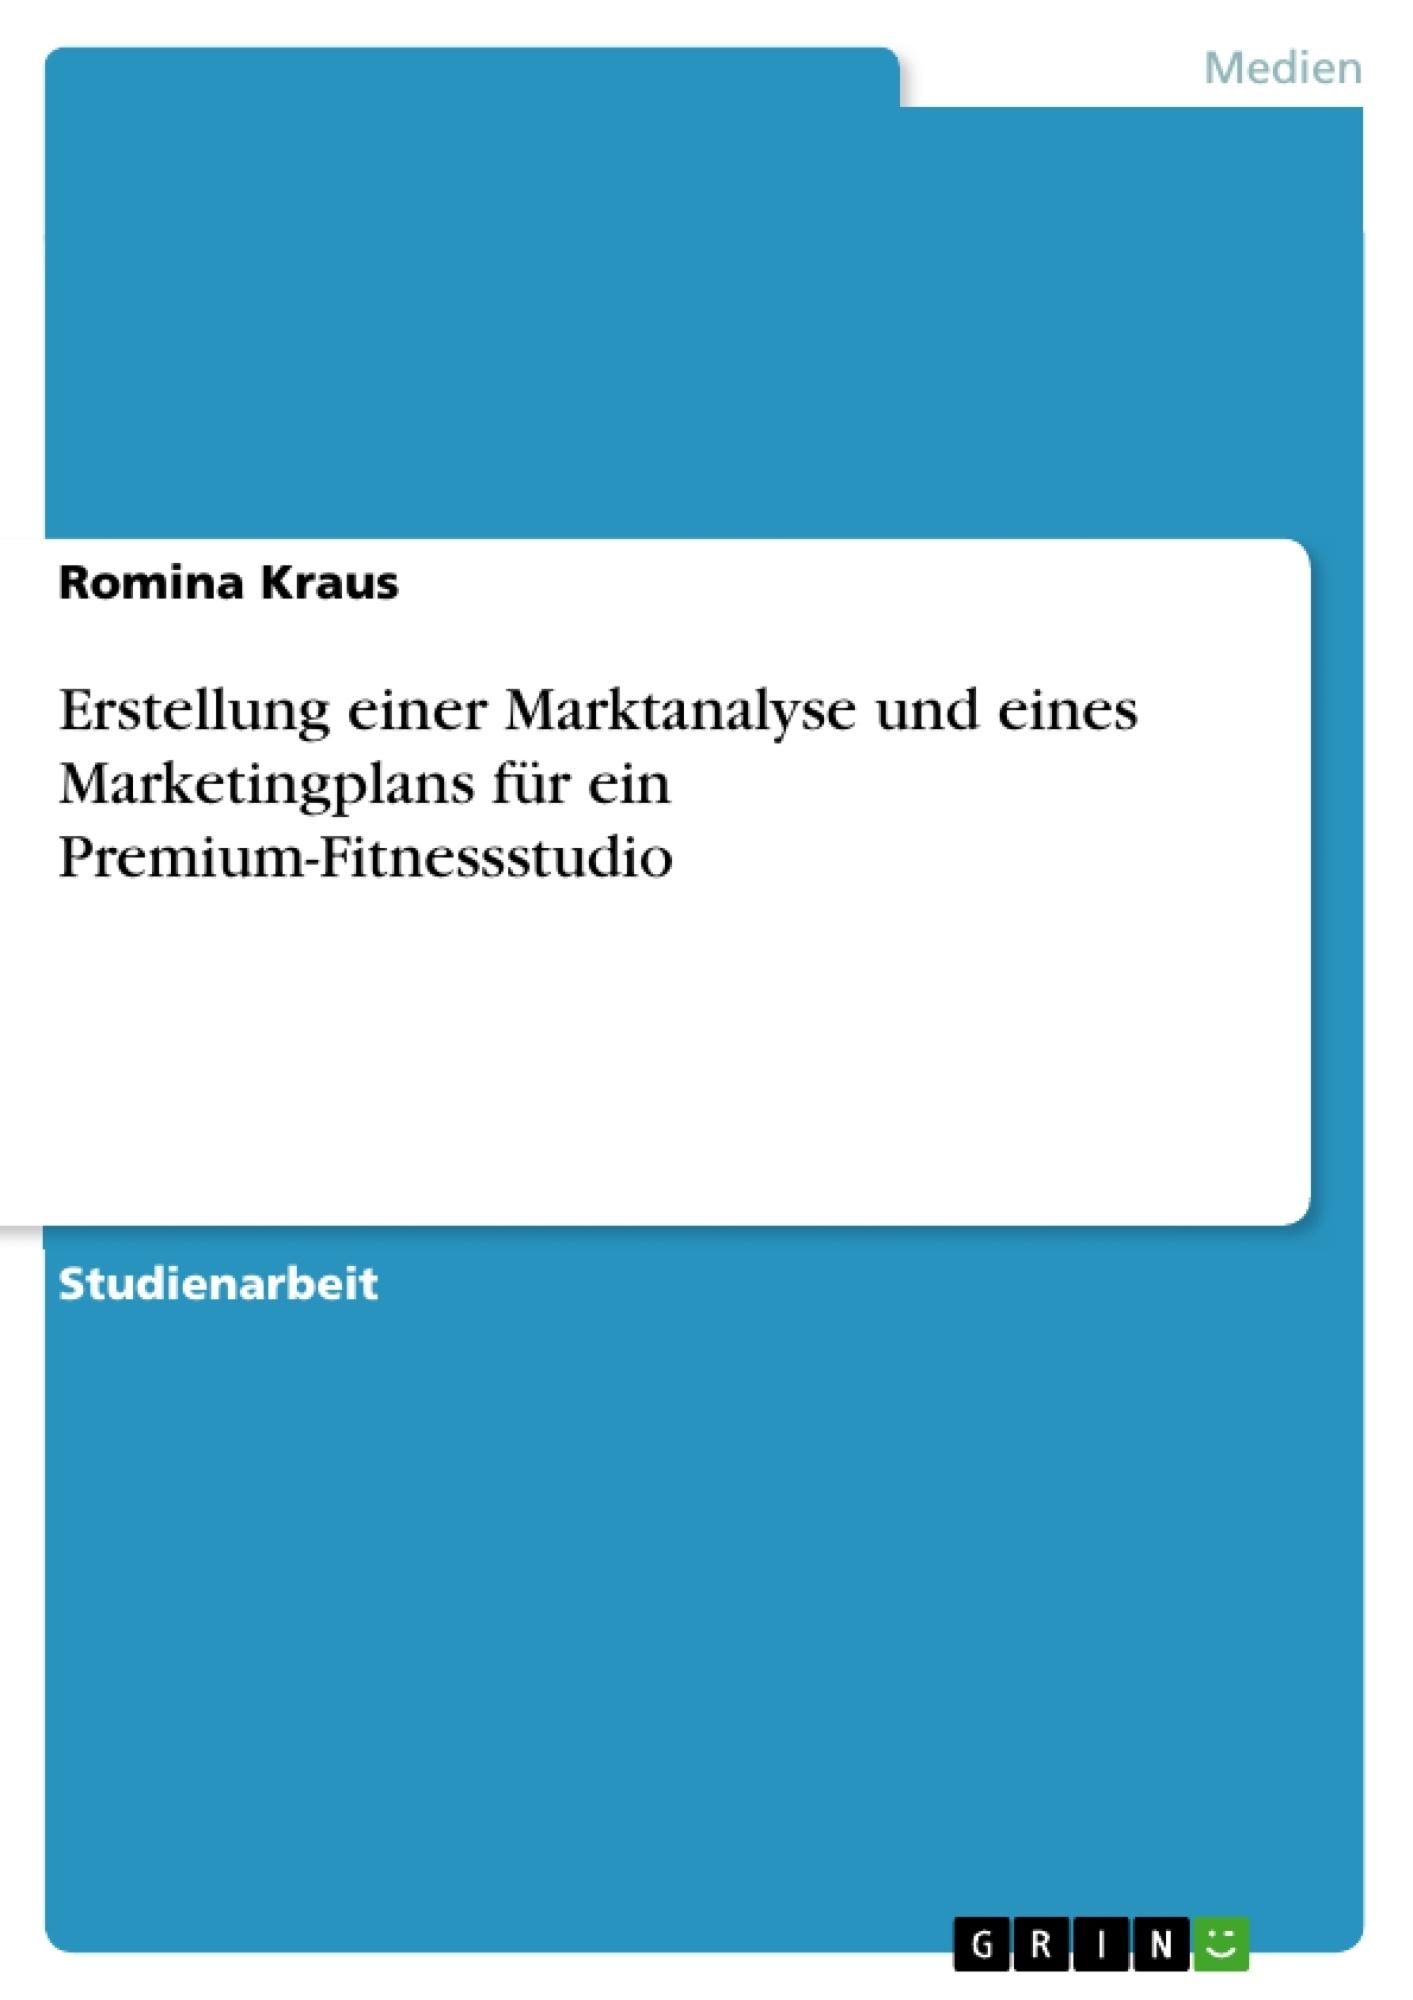 Titel: Erstellung einer Marktanalyse und eines Marketingplans für ein Premium-Fitnessstudio